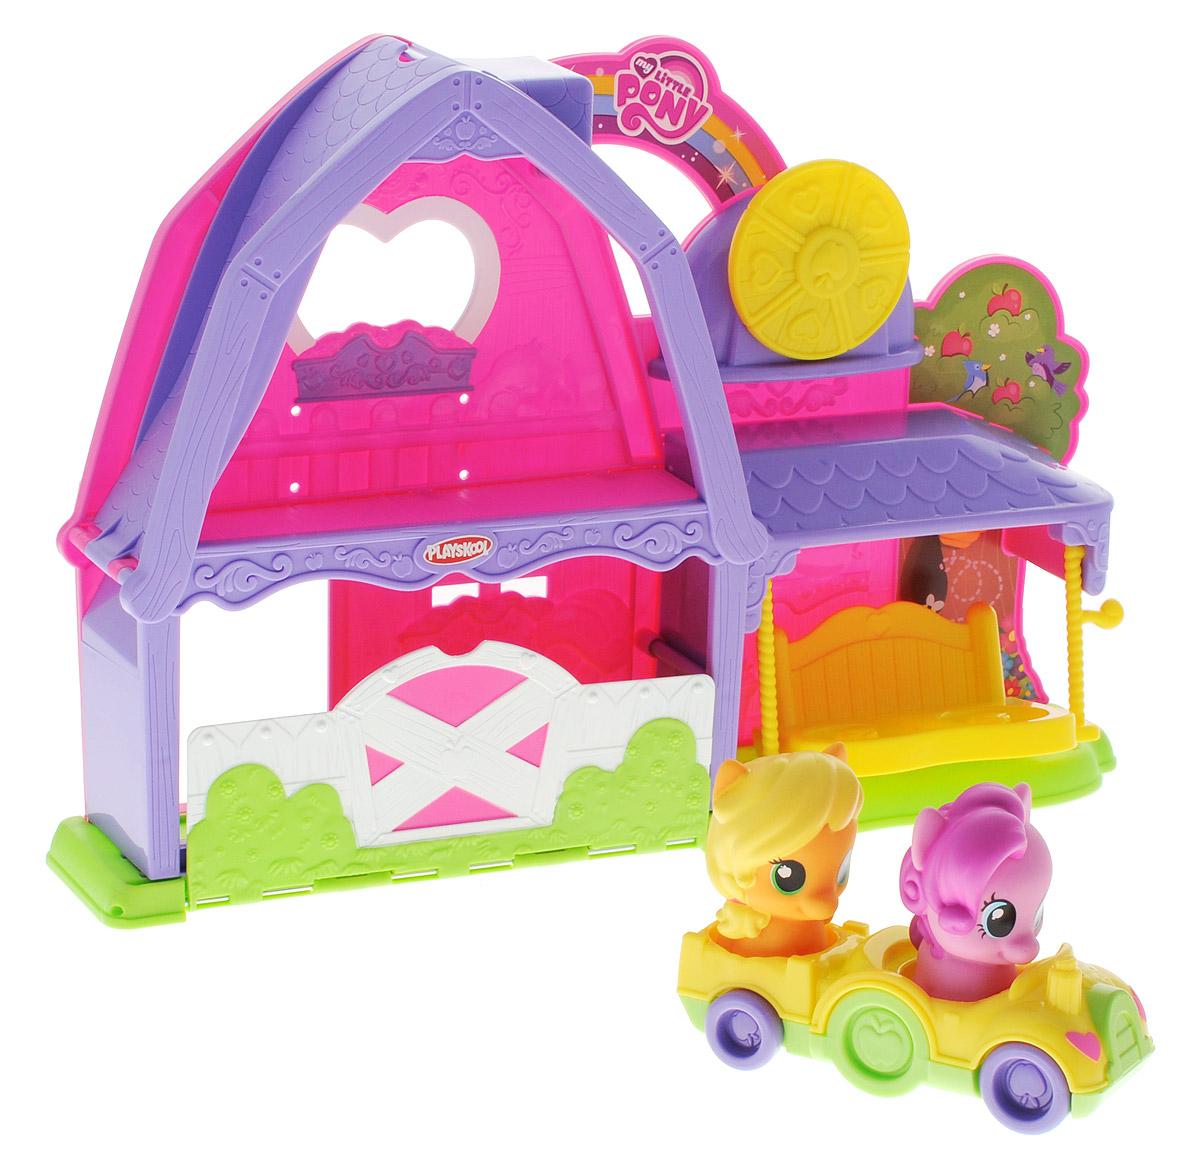 My Little Pony Игровой набор Ферма ЭпплджекB4623EU4В игровой набор Ферма My Little Pony Эпплджек включены две фигурки прелестных лошадок, героинь мультфильма Мои Маленькие Пони - Эпплджек и Панки Пай, а также симпатичный и уютный домик, двухместная машинка и качели. Ребенок может катать лошадок, сажая их в машинку и спуская с горки, расположенной на втором этаже фермы, или разыгрывать придуманные сценки, развивая воображение. Набор выполнен из пластика высокого качества в розово-сиреневом цветовом исполнении. С таким набором девочка сможет надолго погрузиться в увлекательную сюжетно-ролевую игру, инсценировать любимые сюжеты из мультфильма или придумывать собственные истории.